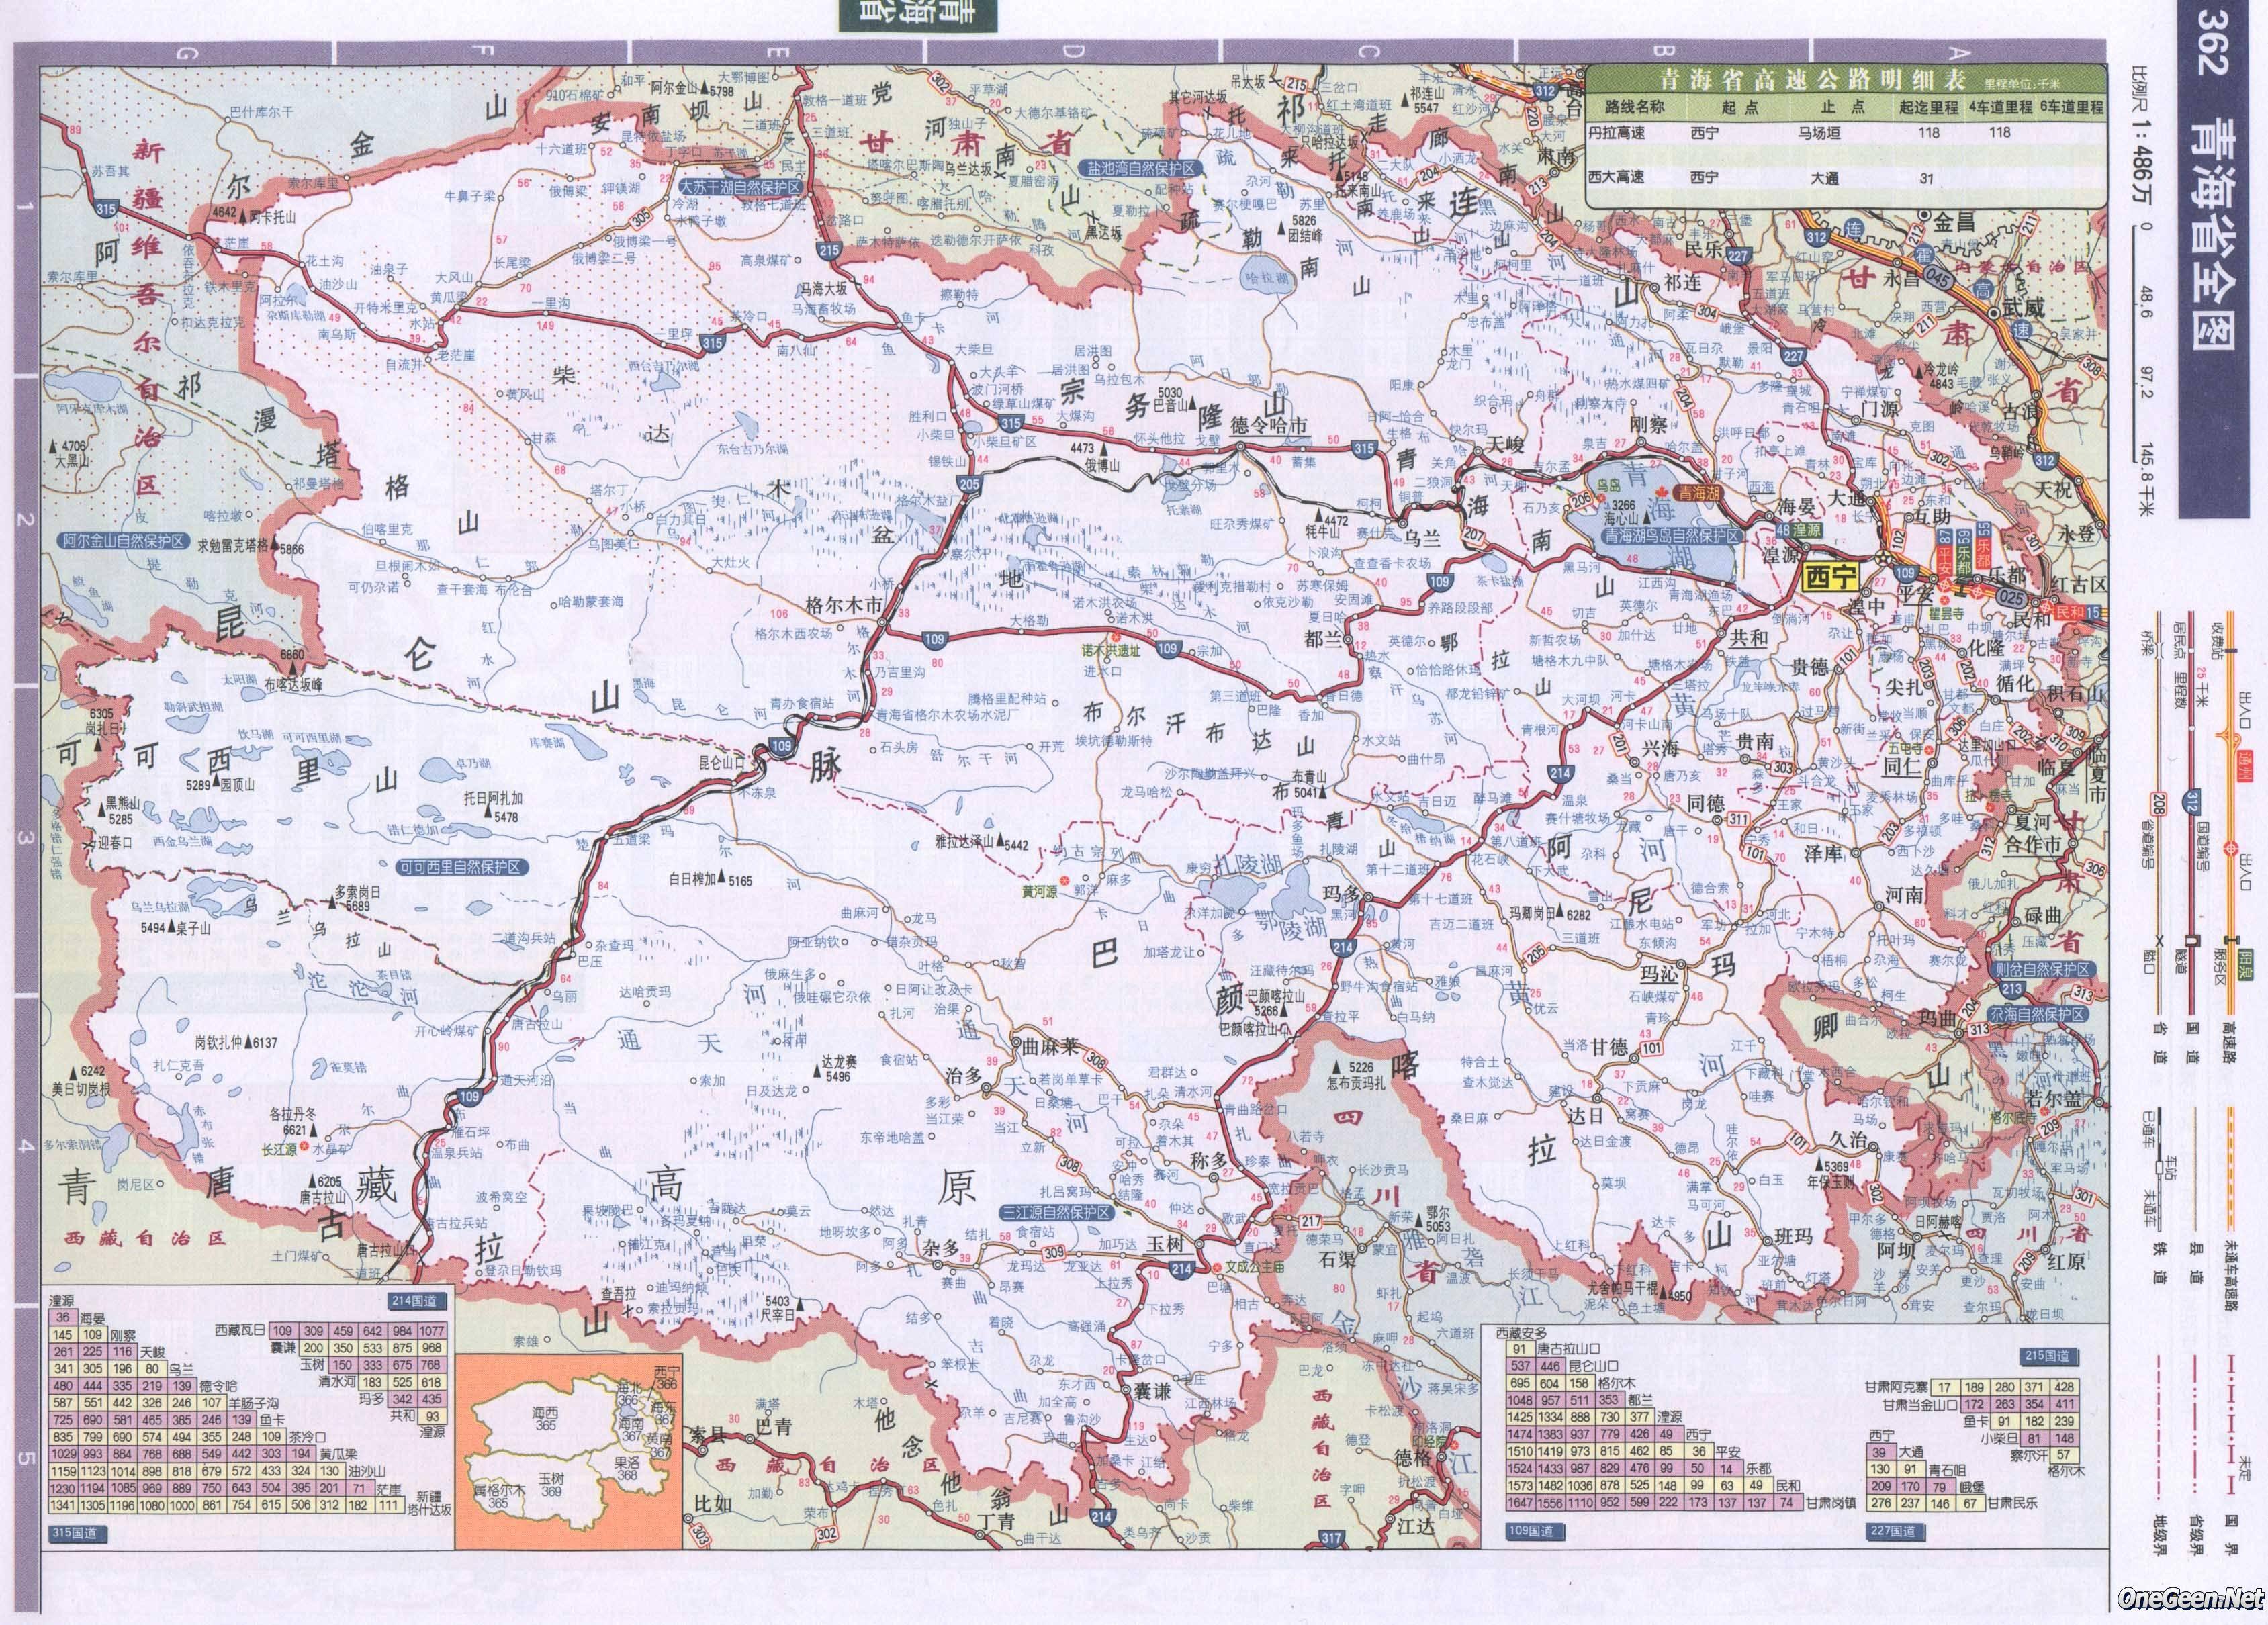 山脉,中国山脉河流地形图,亚   美国落基山脉 秦岭山脉地图全